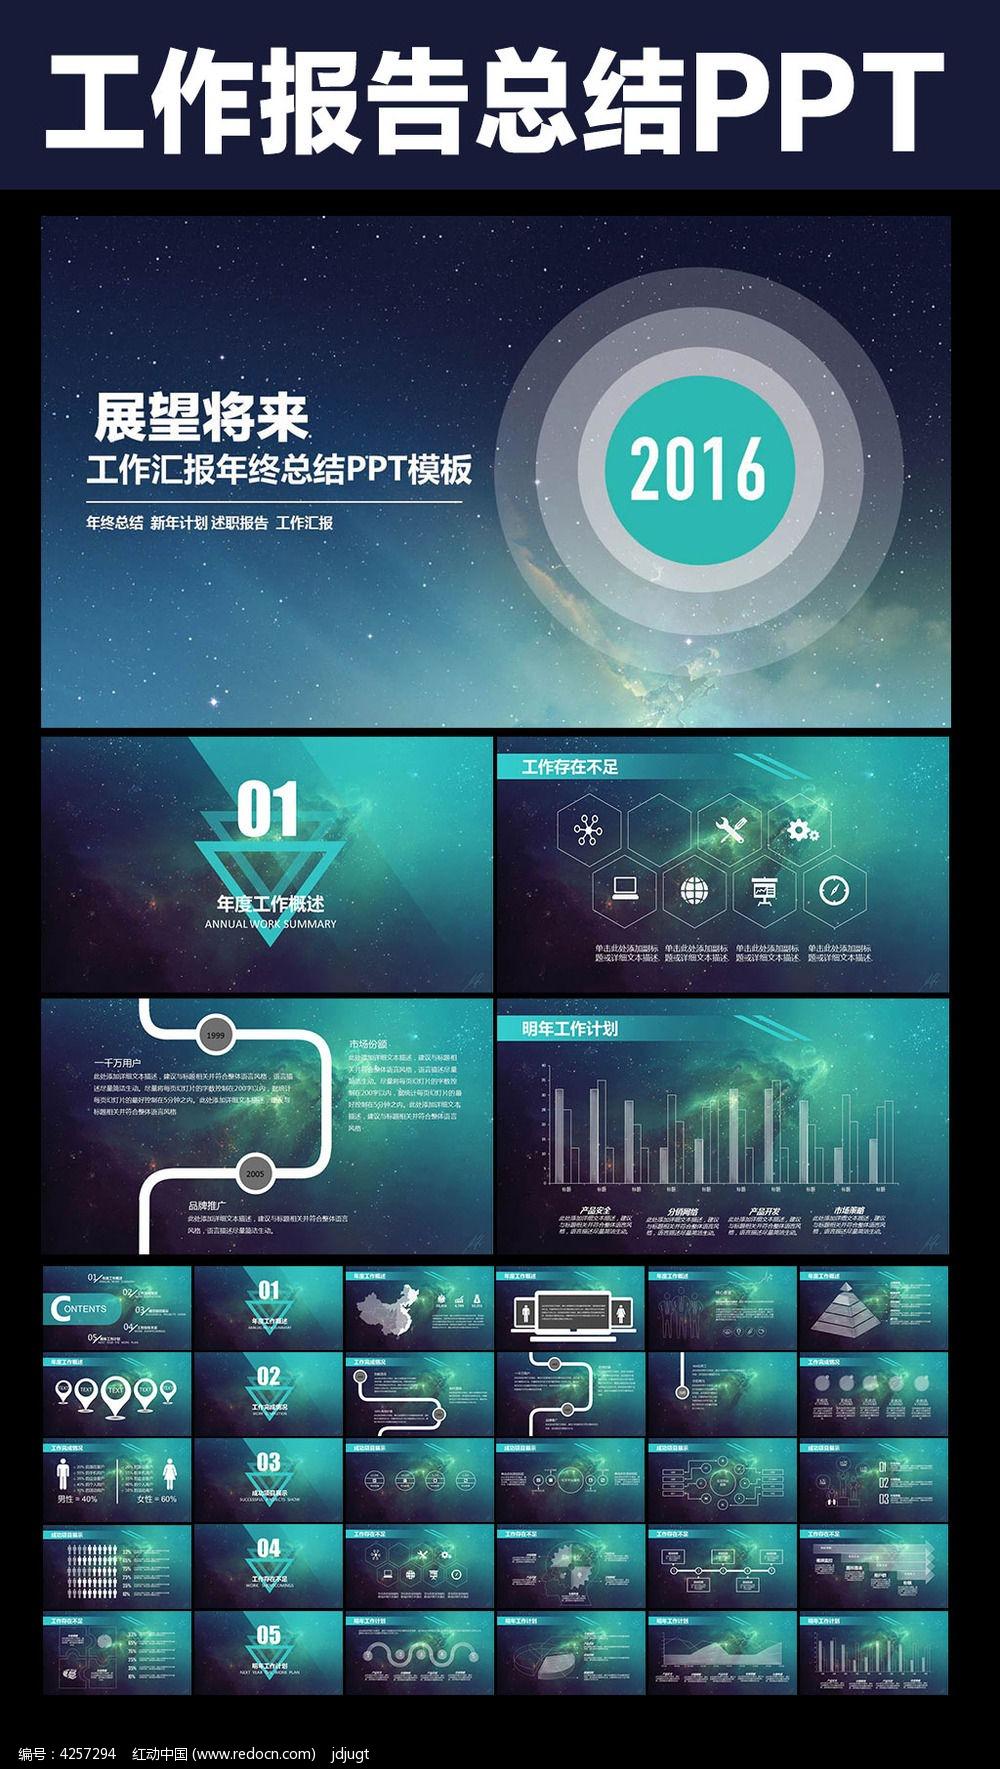 标签:2015PPT 2016PPT 2017PPT 新年计划 年终总结 工作 报告 会